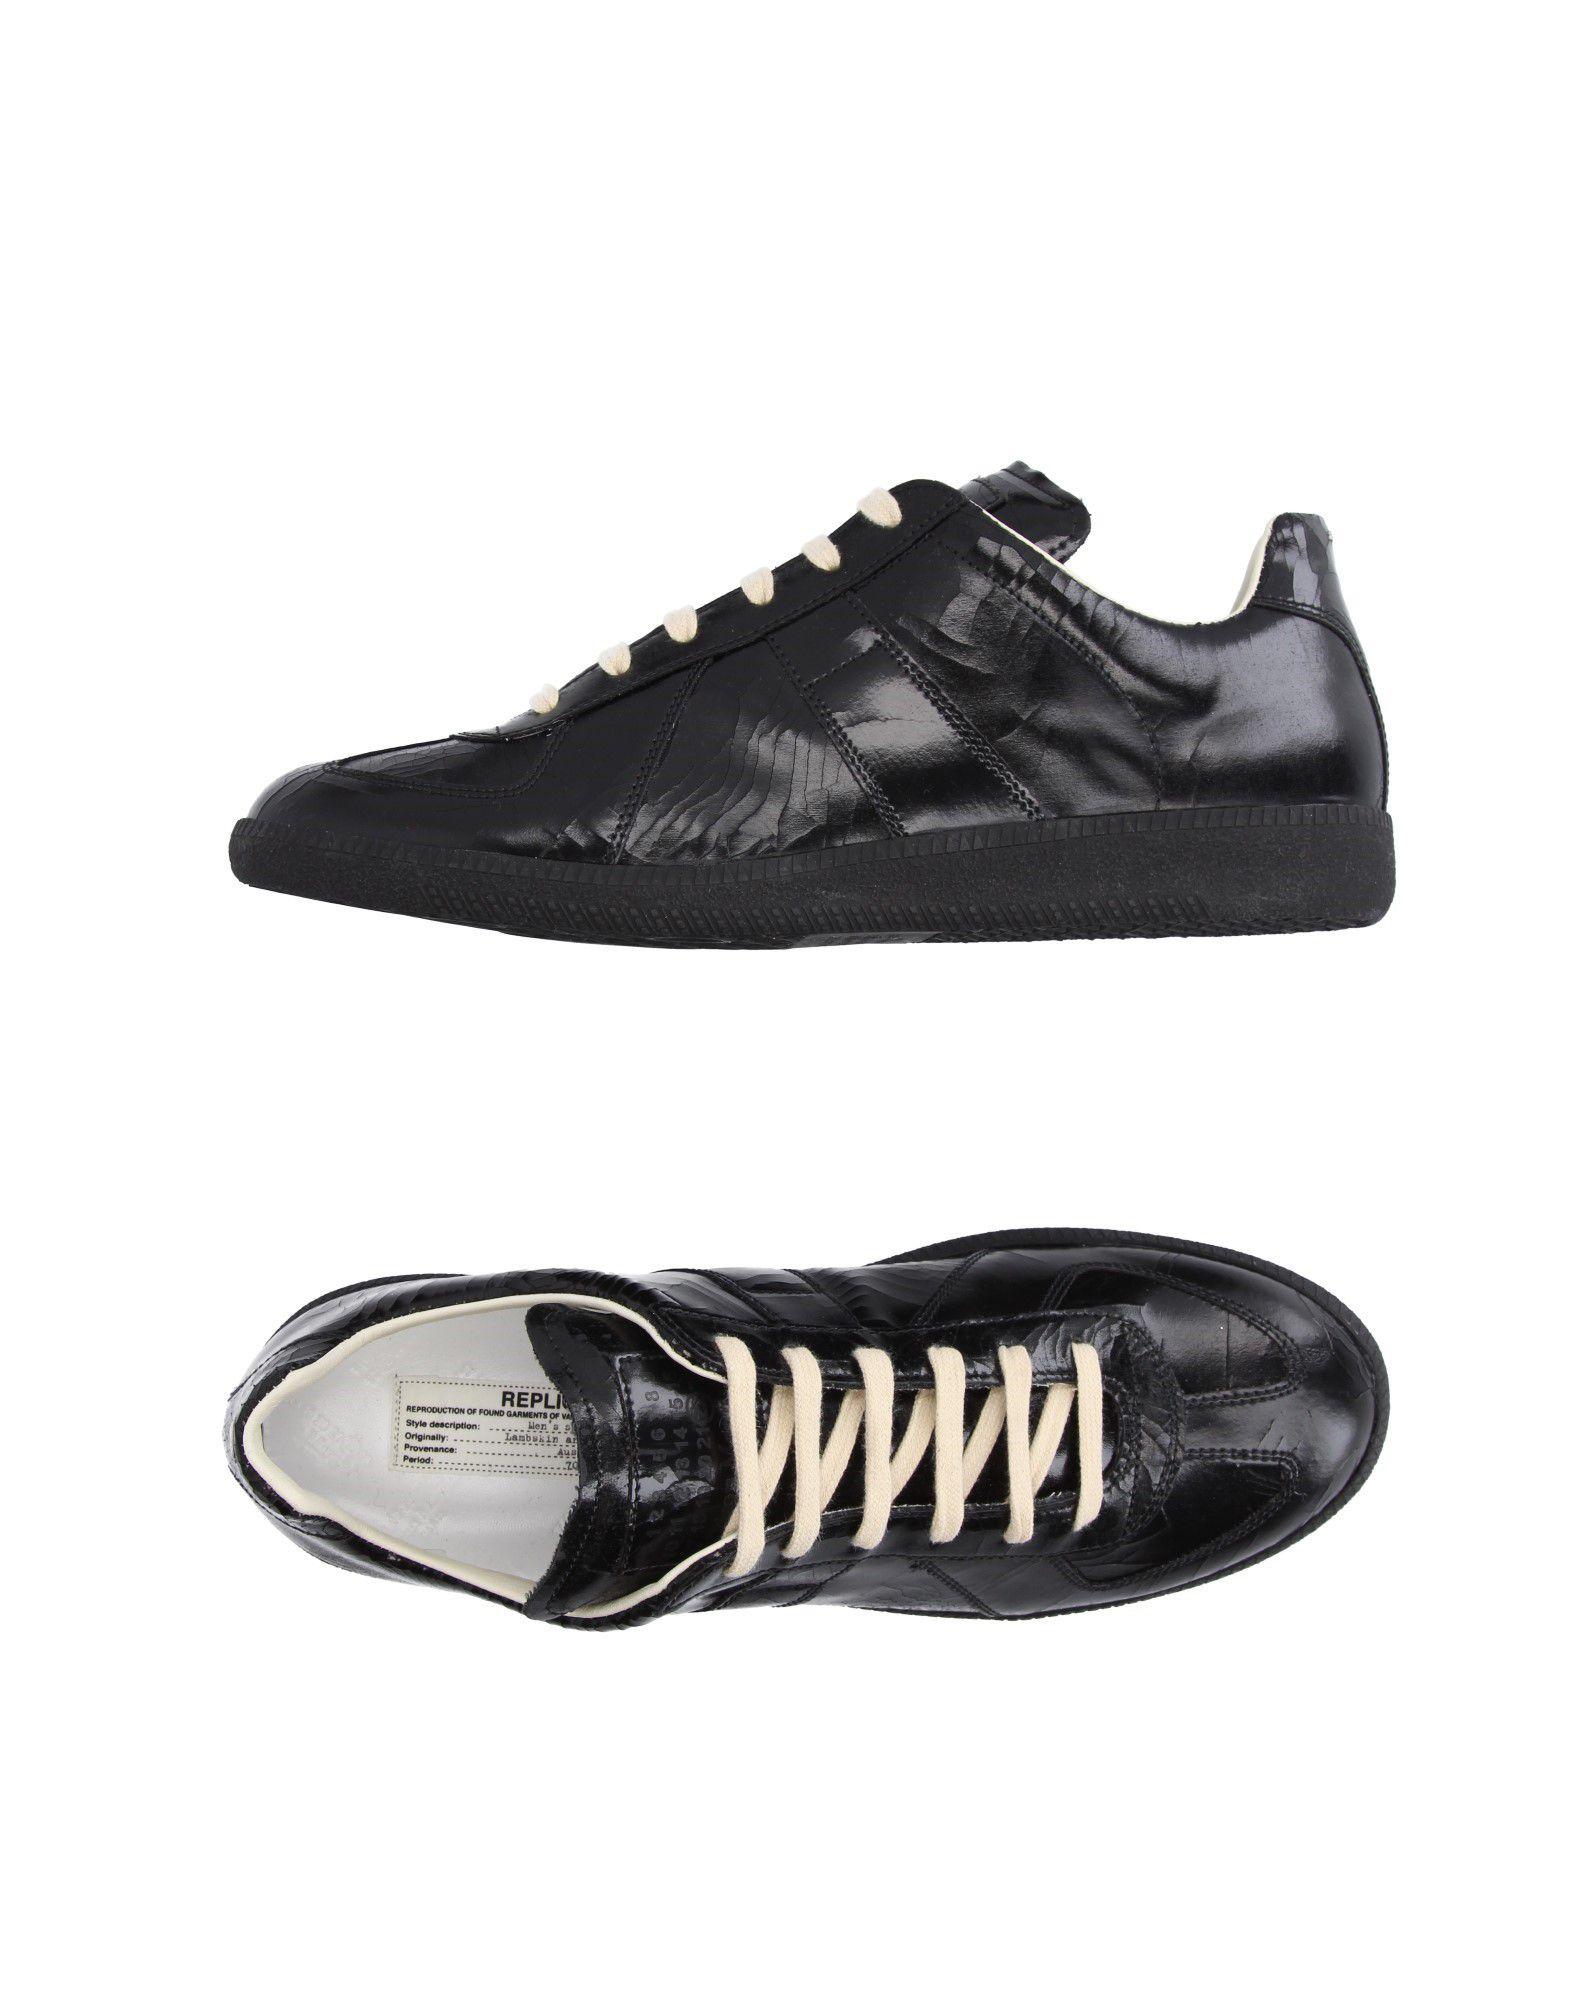 Sneakers Maison Margiela Margiela Homme - Sneakers Maison Margiela Margiela  Noir Nouvelles chaussures pour hommes et femmes, remise limitée dans le temps 7cf586